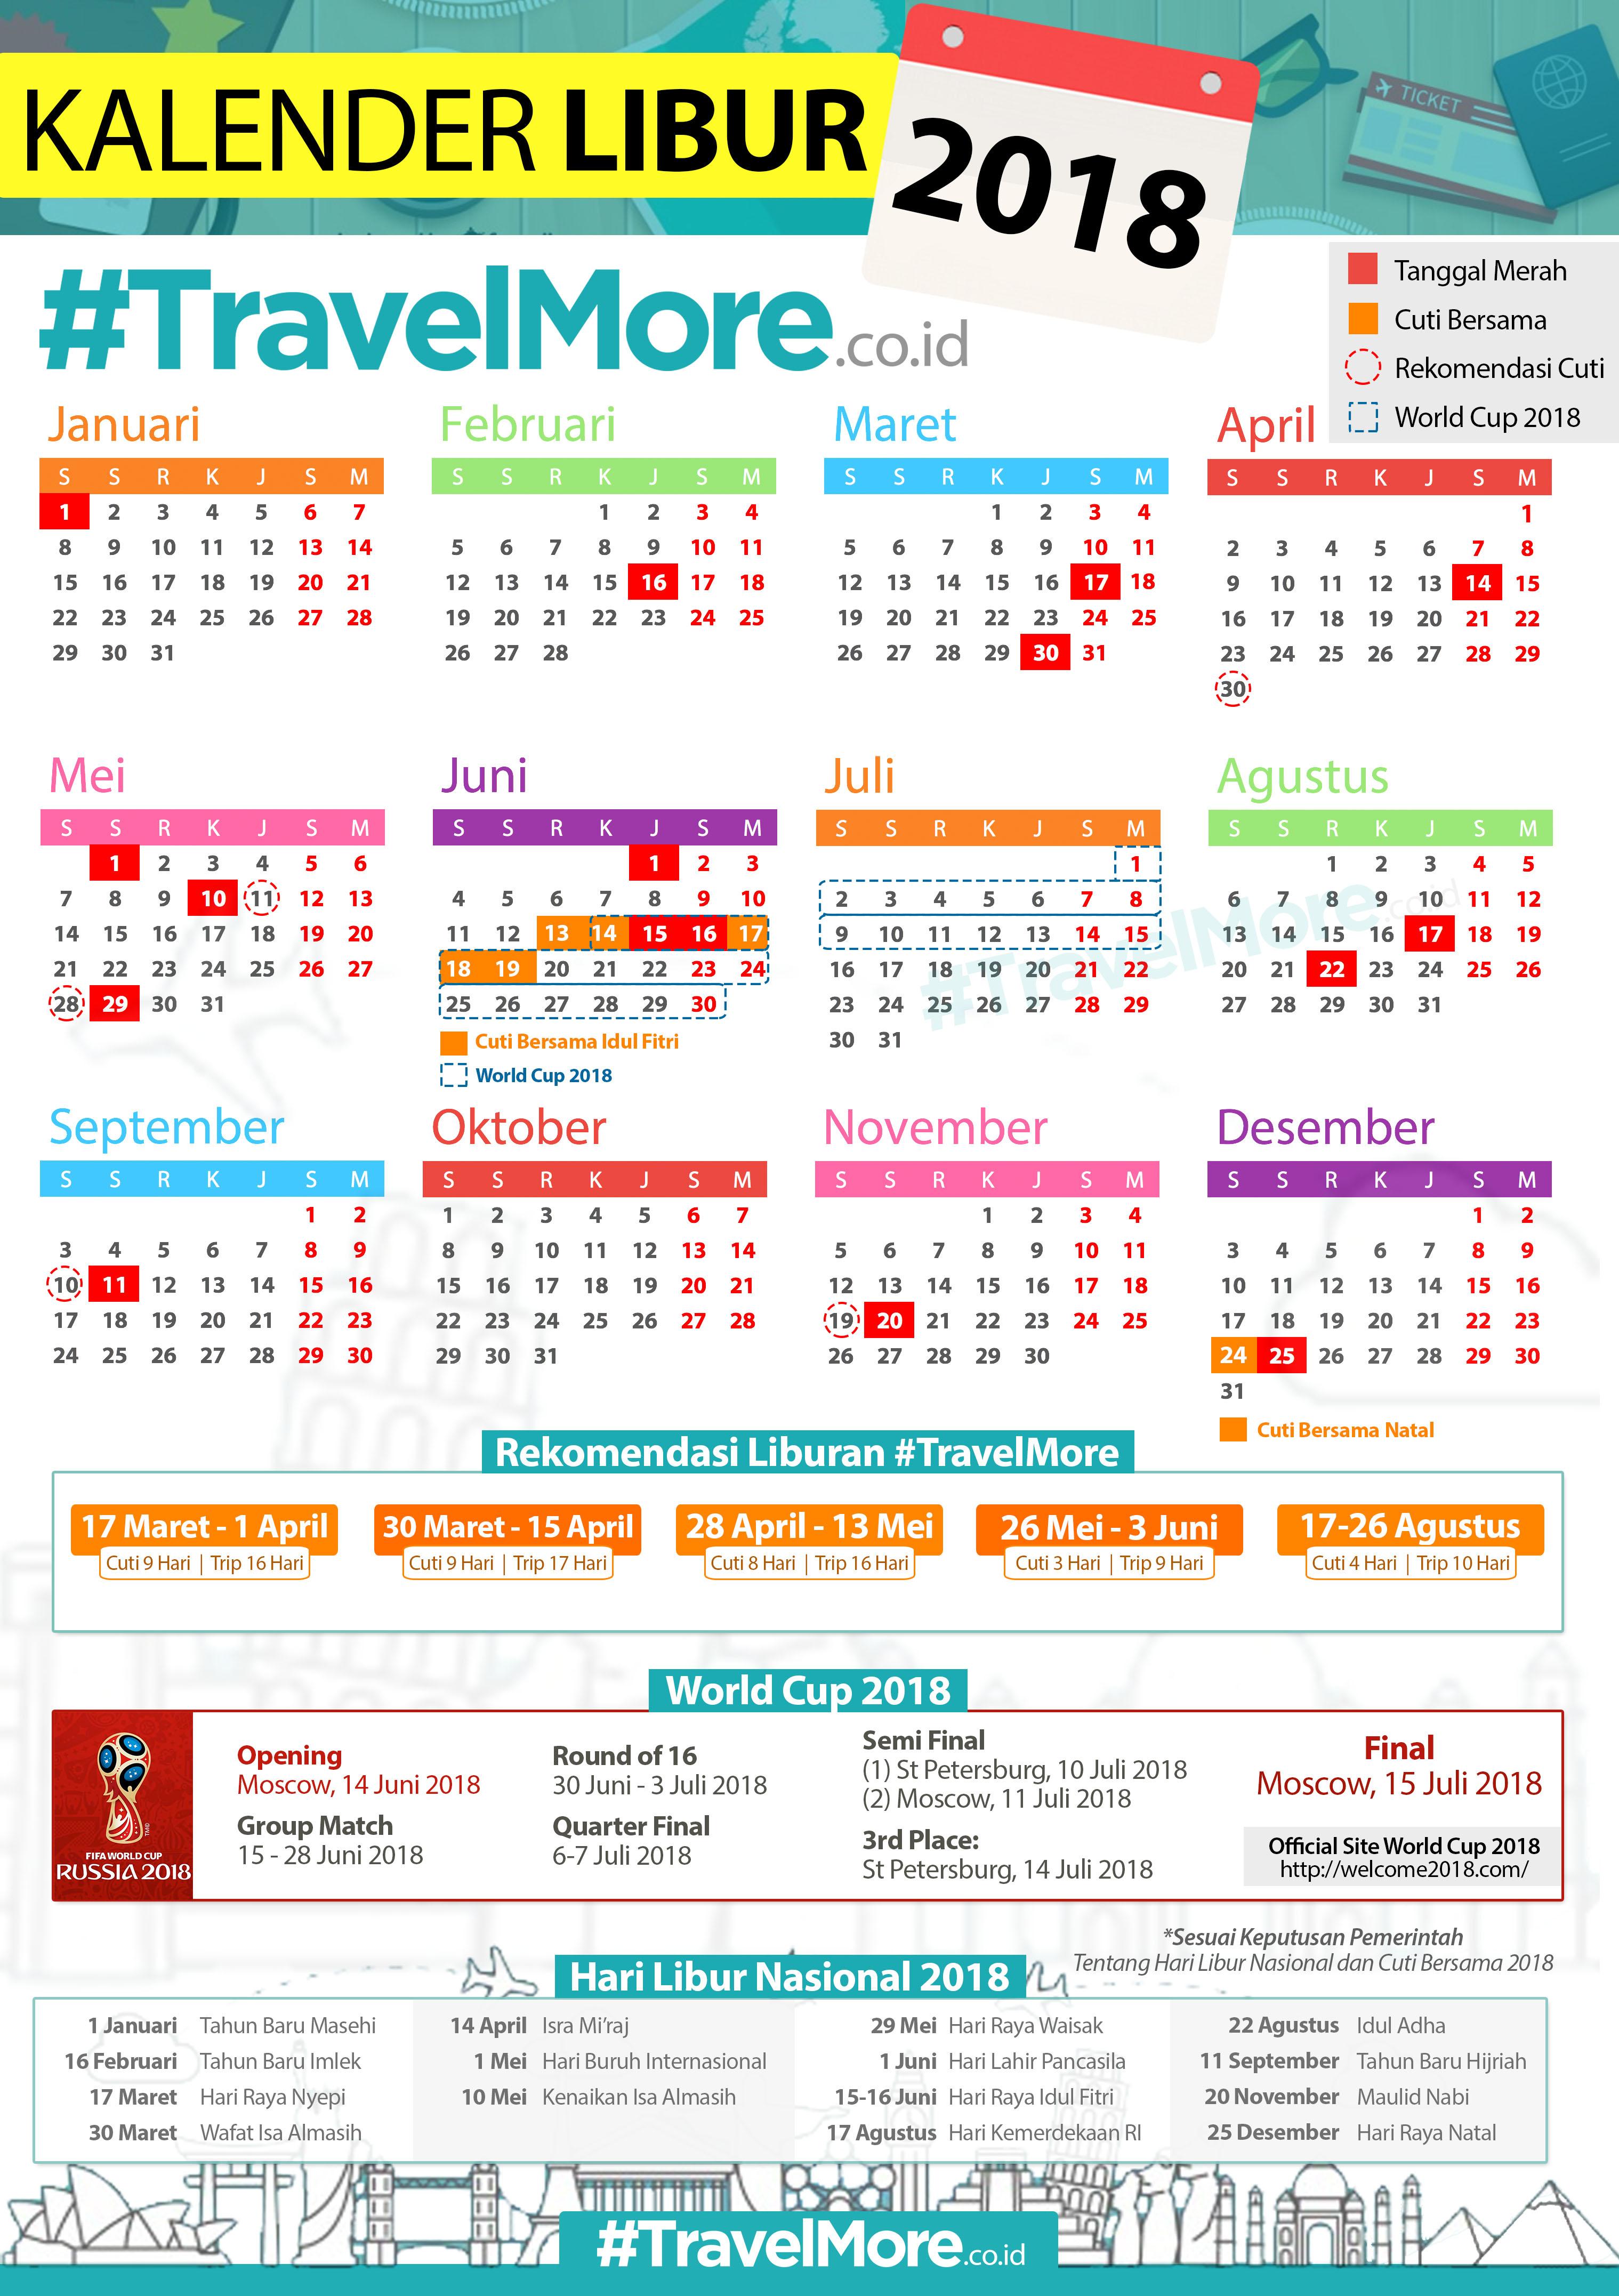 Kalendar-Cuti-Libur-2018.jpg